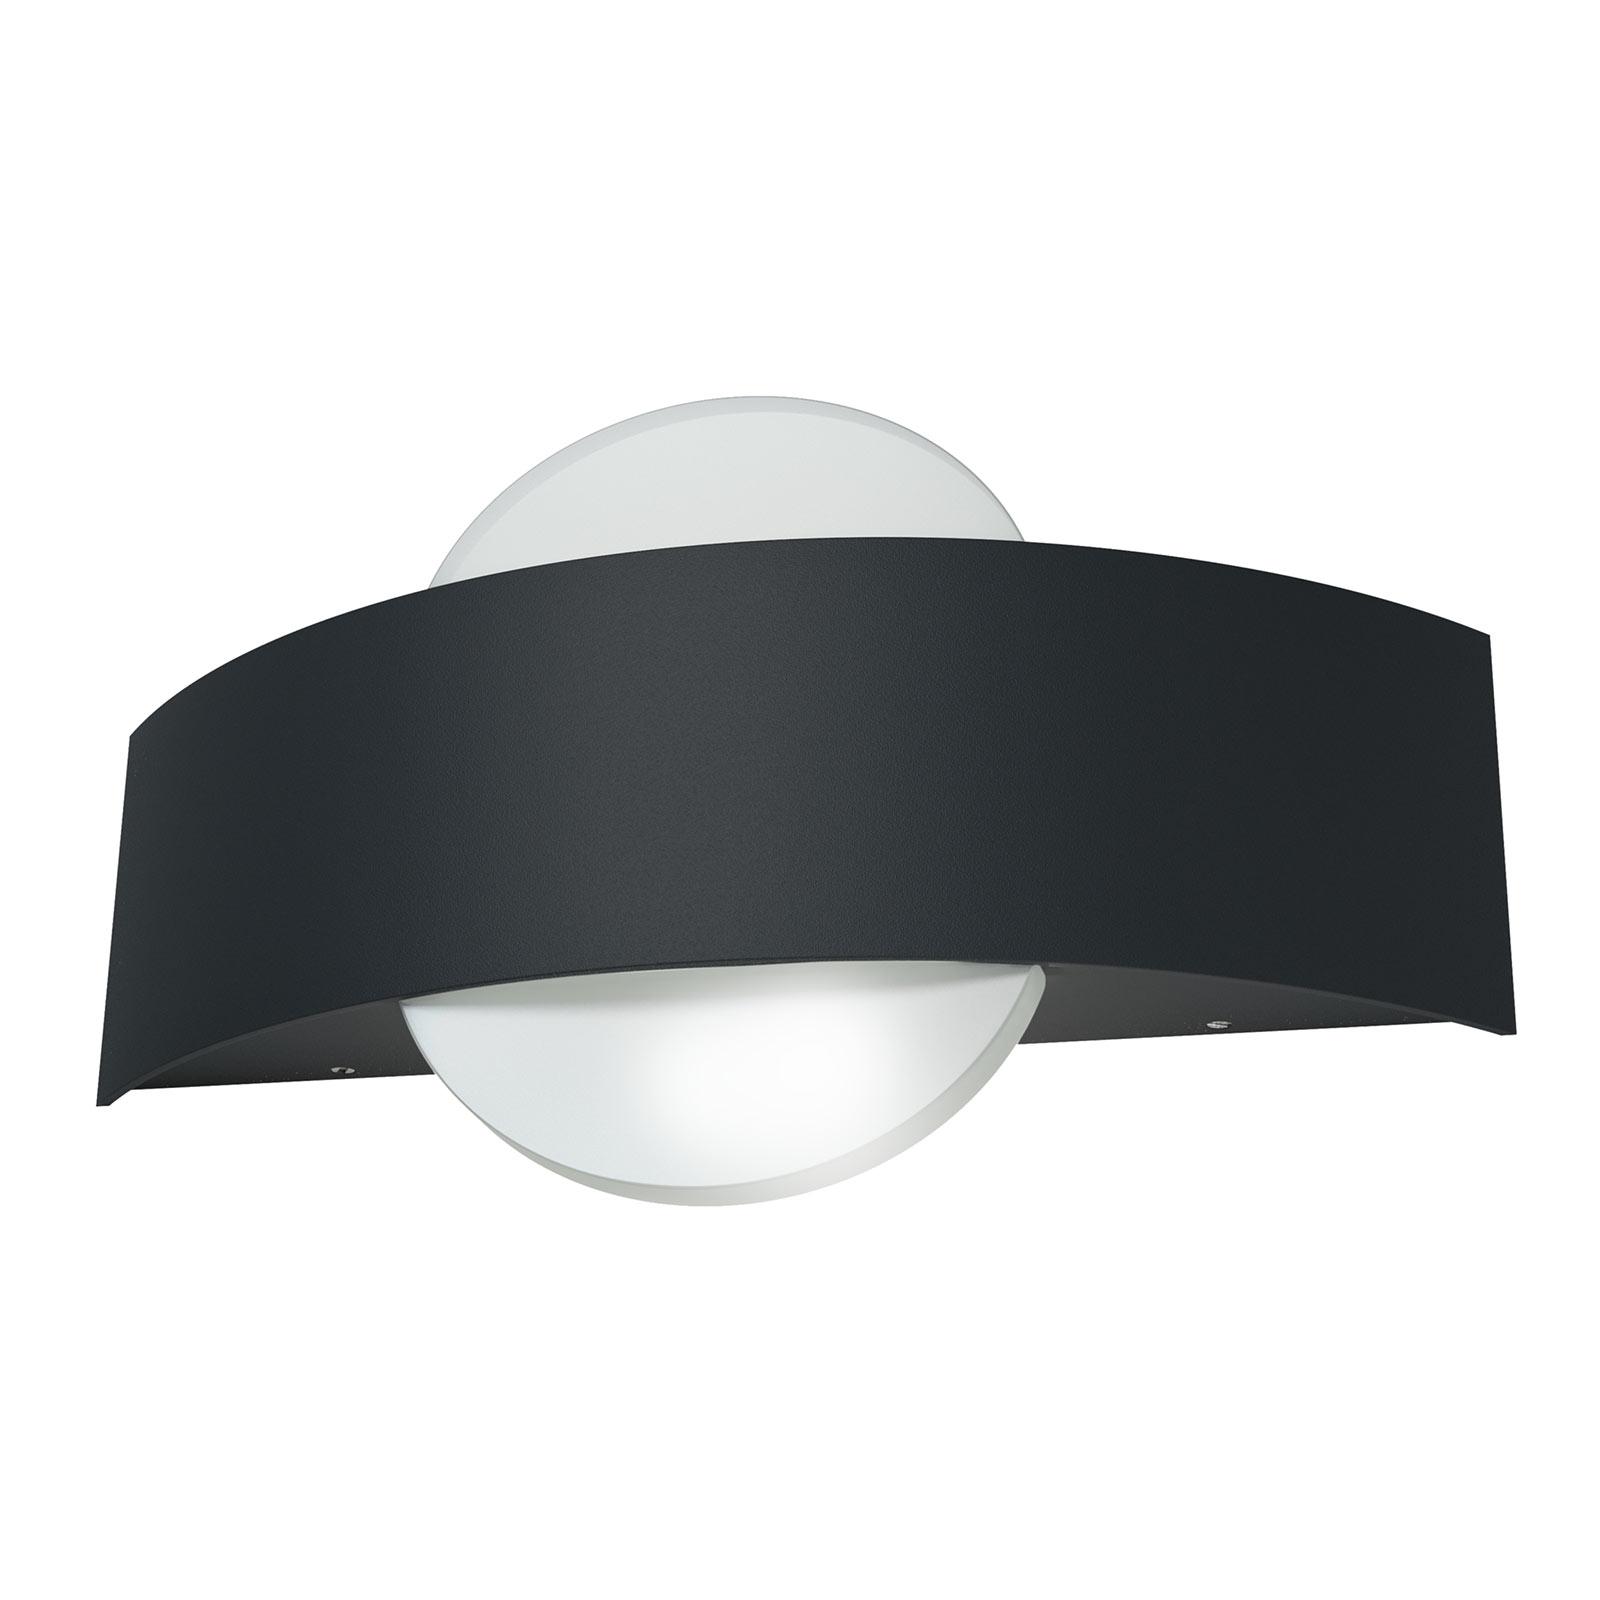 LEDVANCE Endura Style Shield Round buitenwandlamp